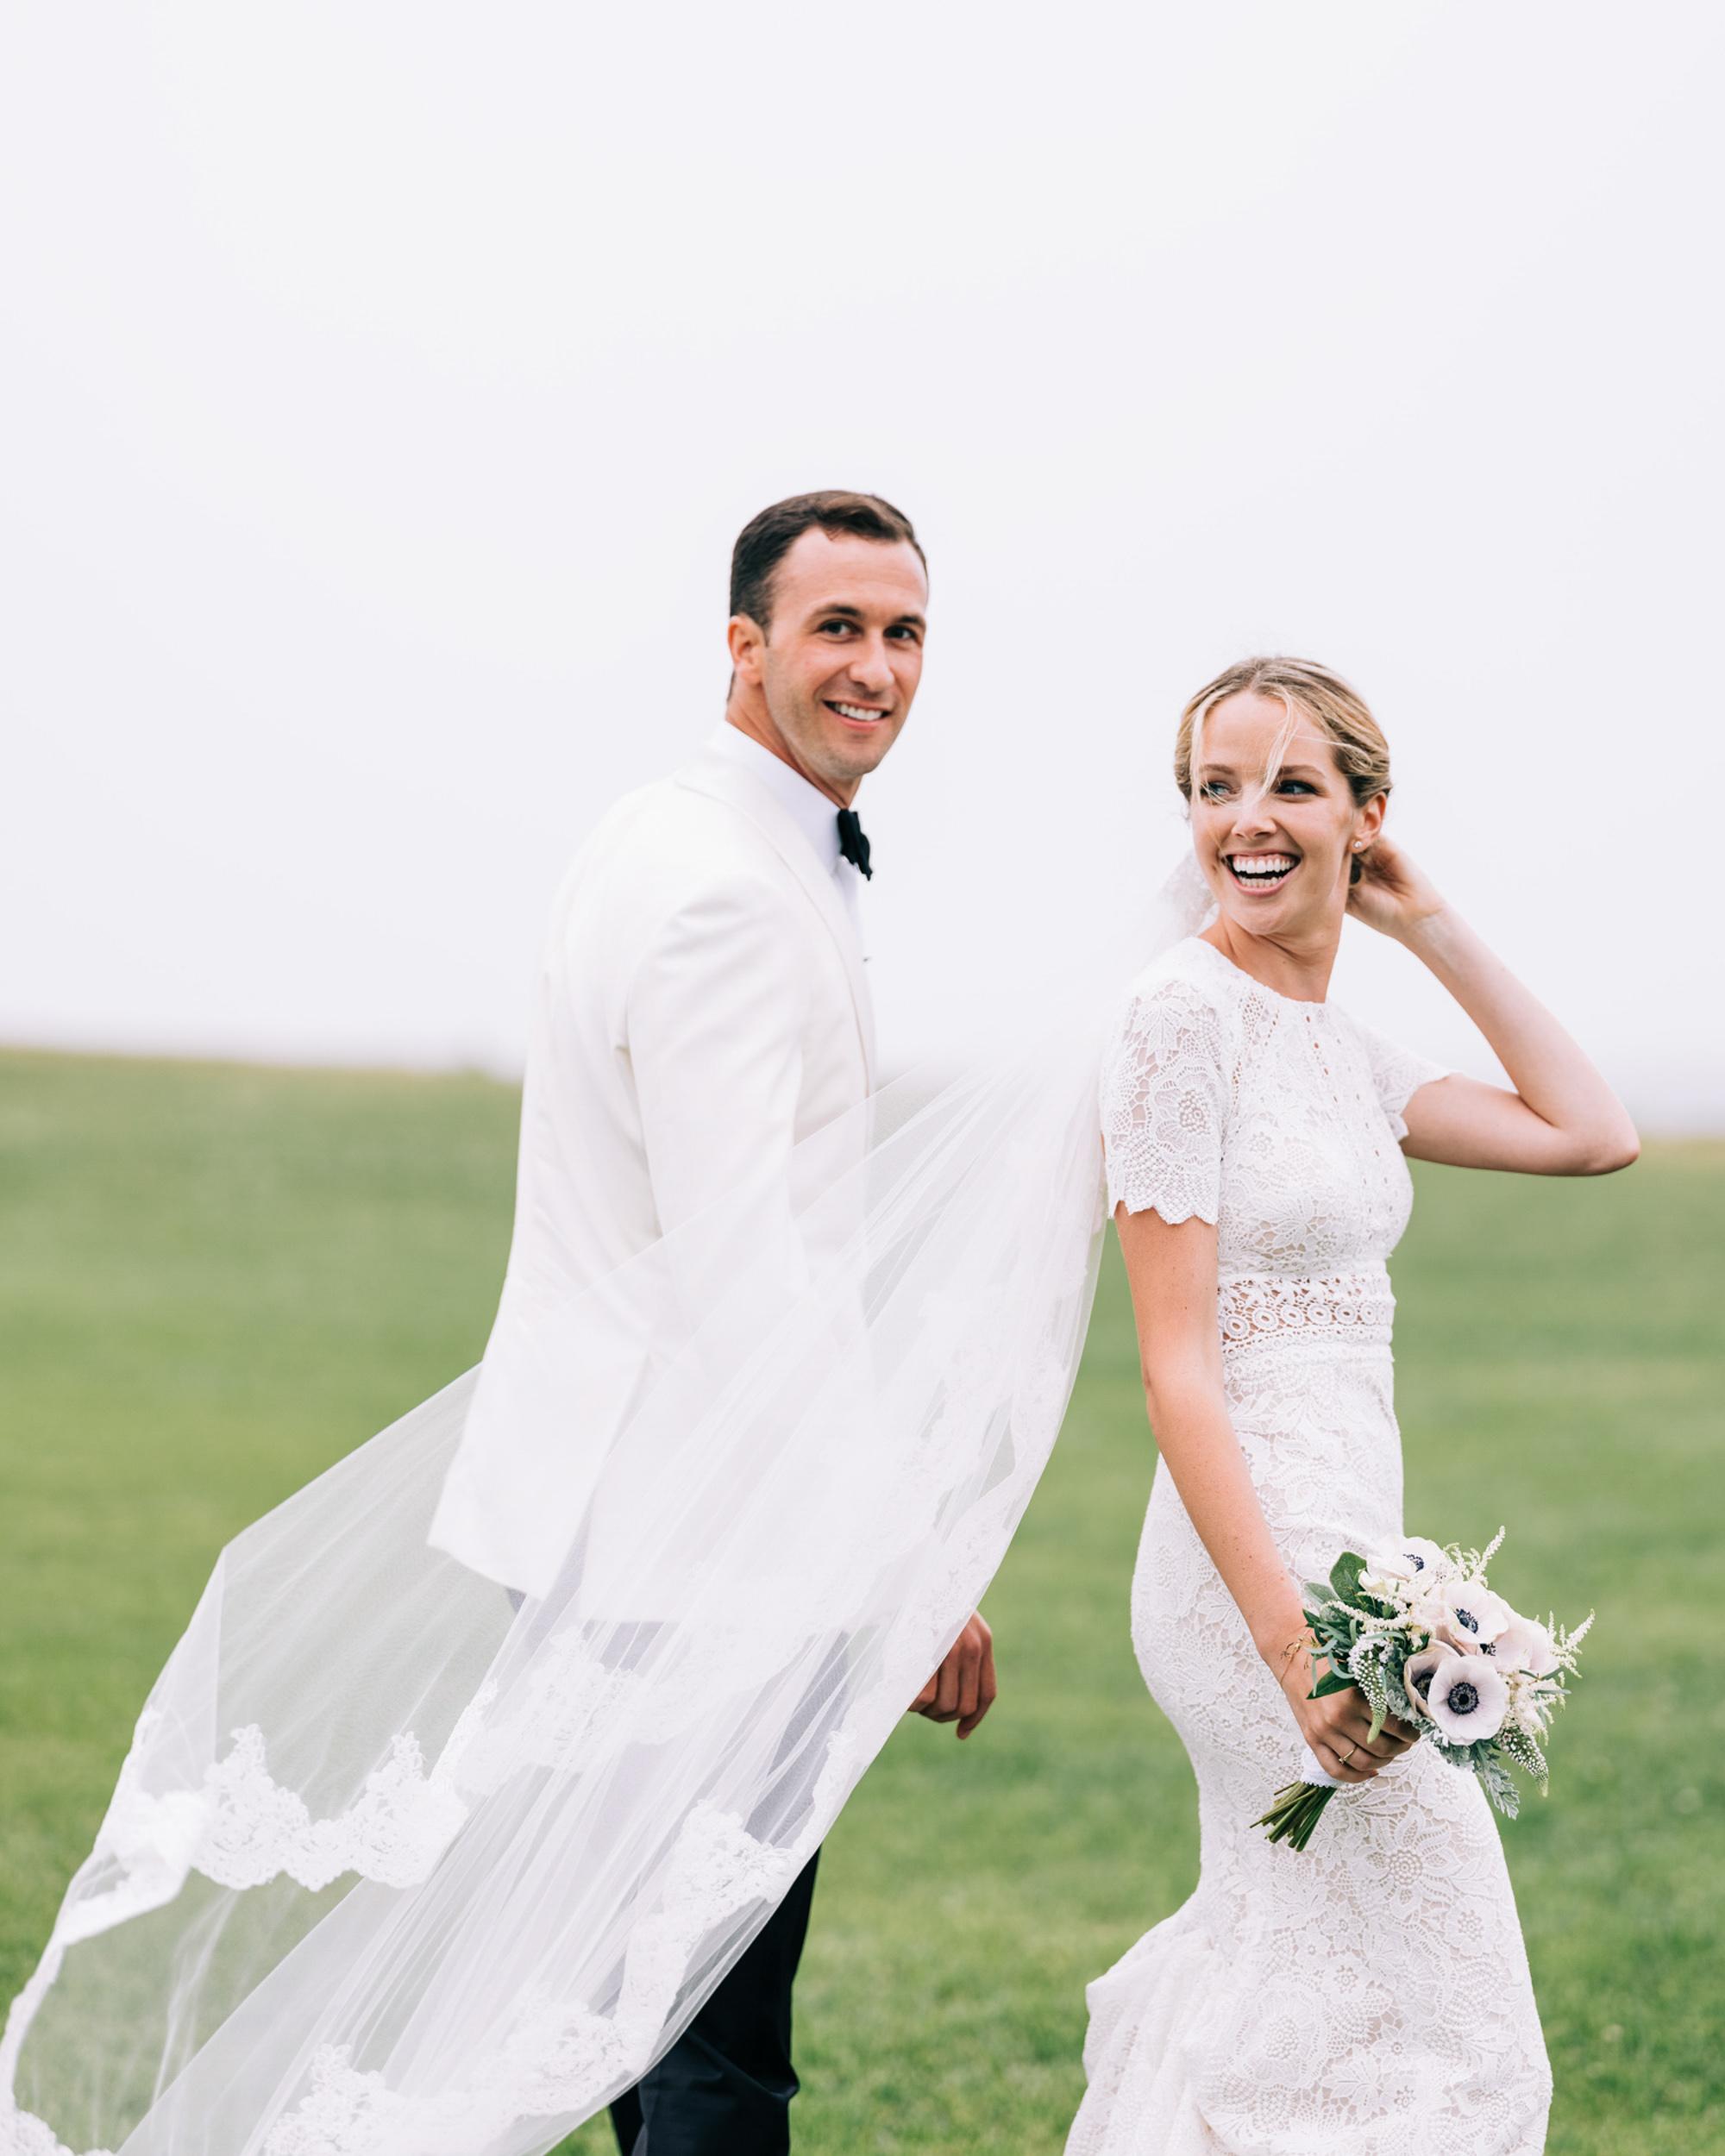 Shelter Island Wedding Photographer 0011 - Shelter Island